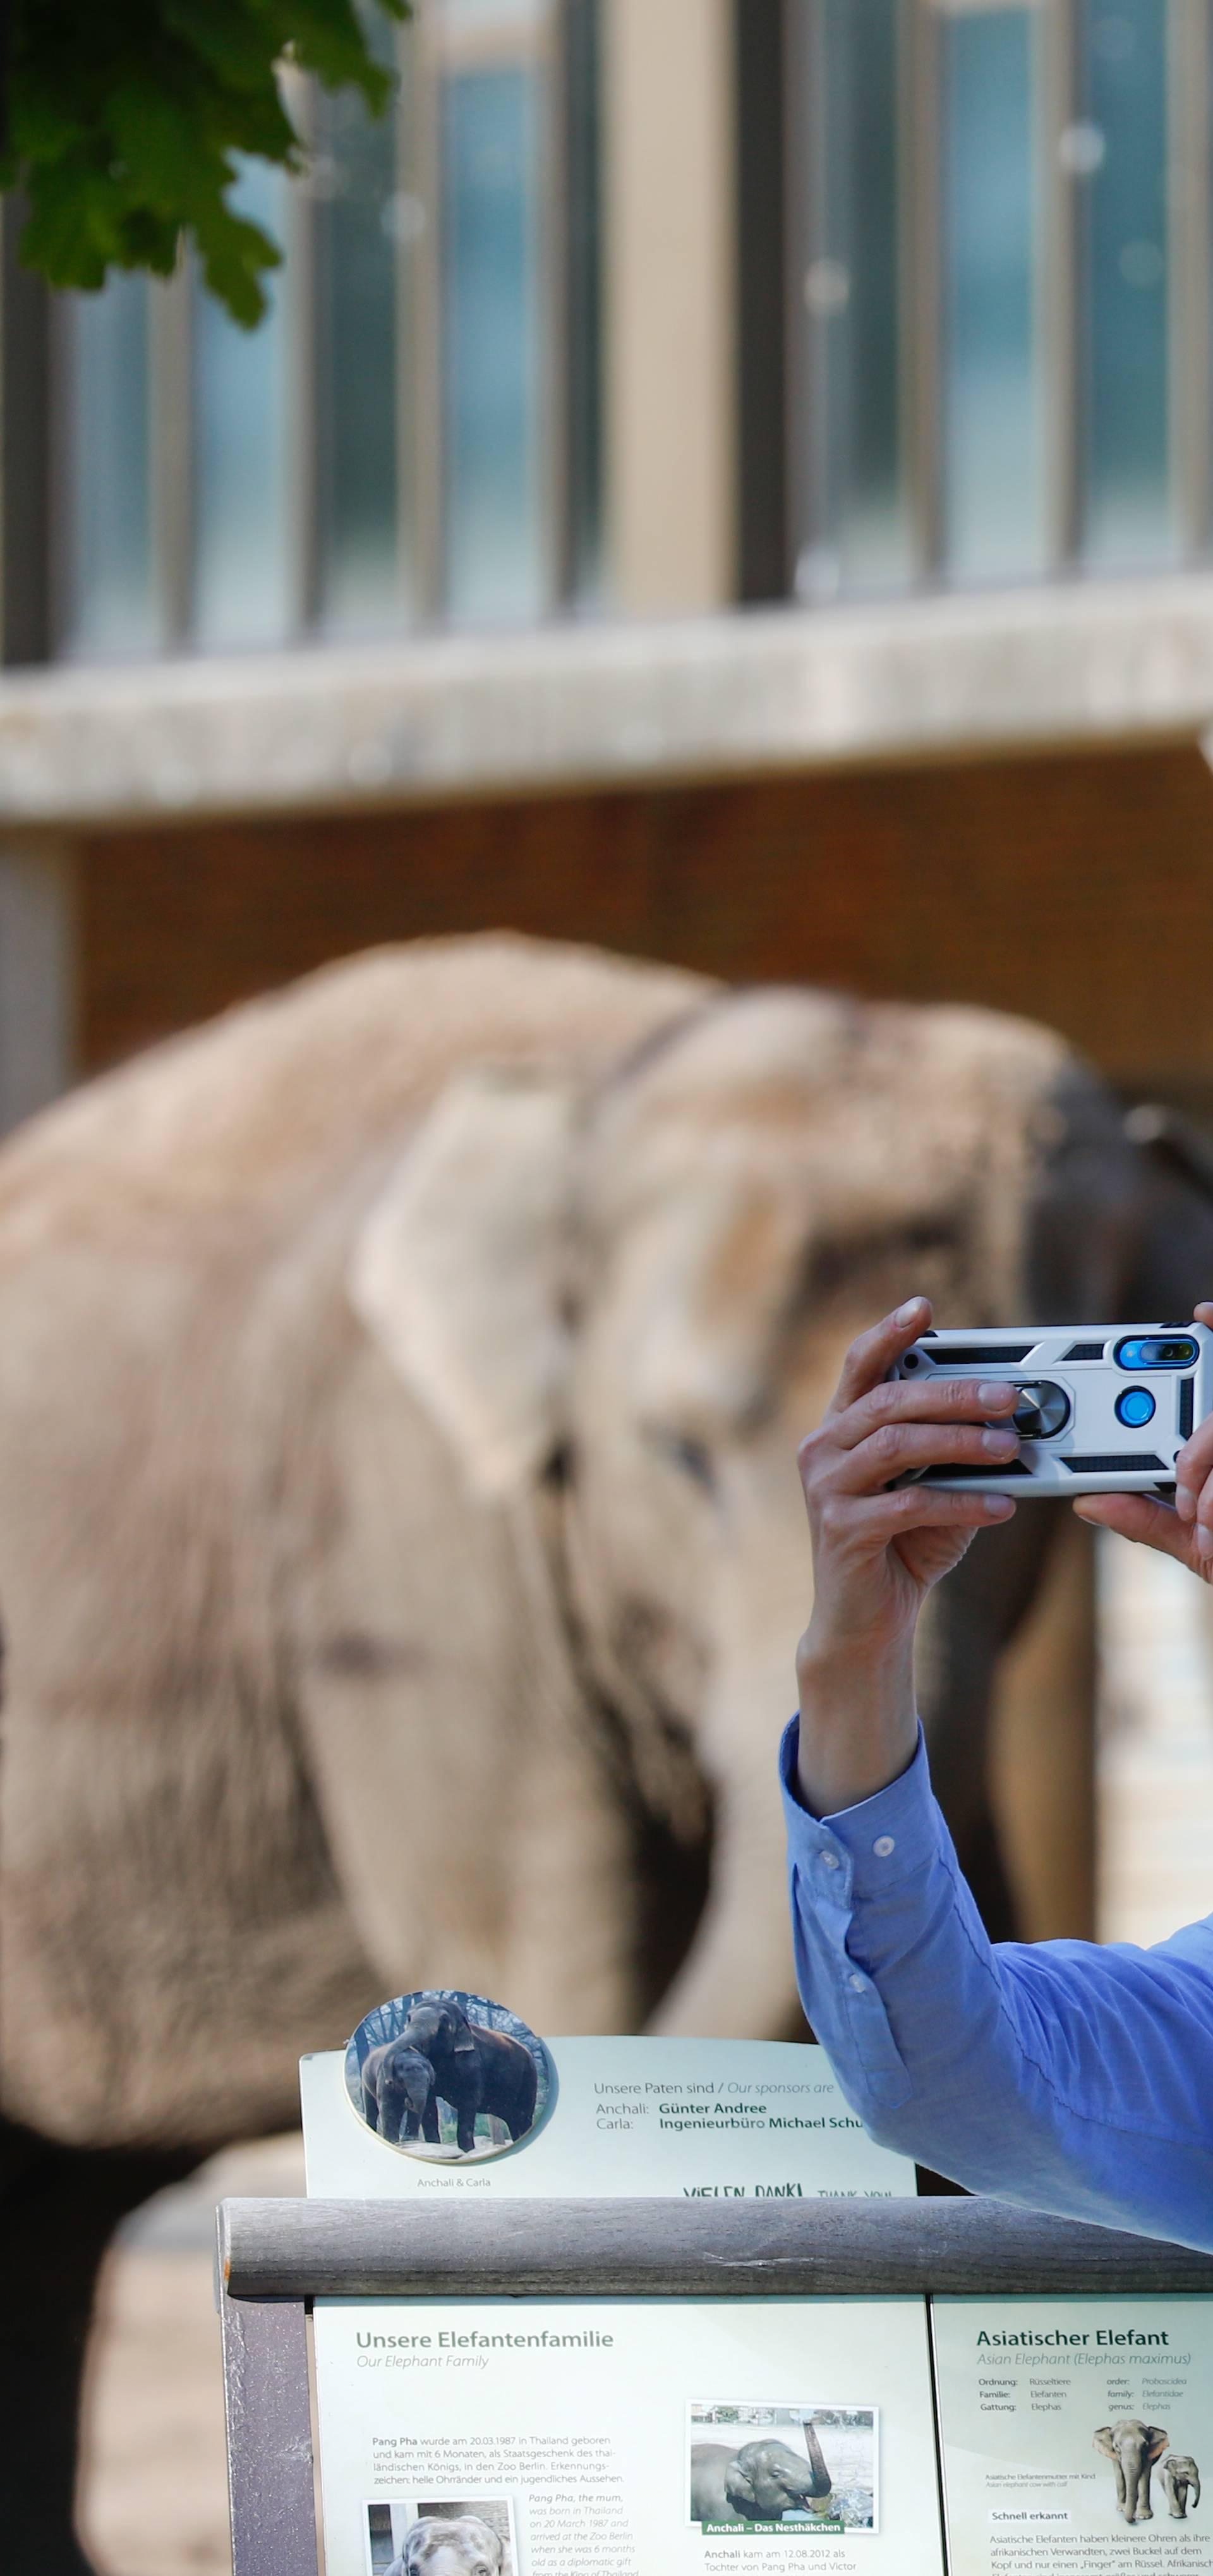 Životinje u zoološkim vrtovima usamljene su bez posjetitelja